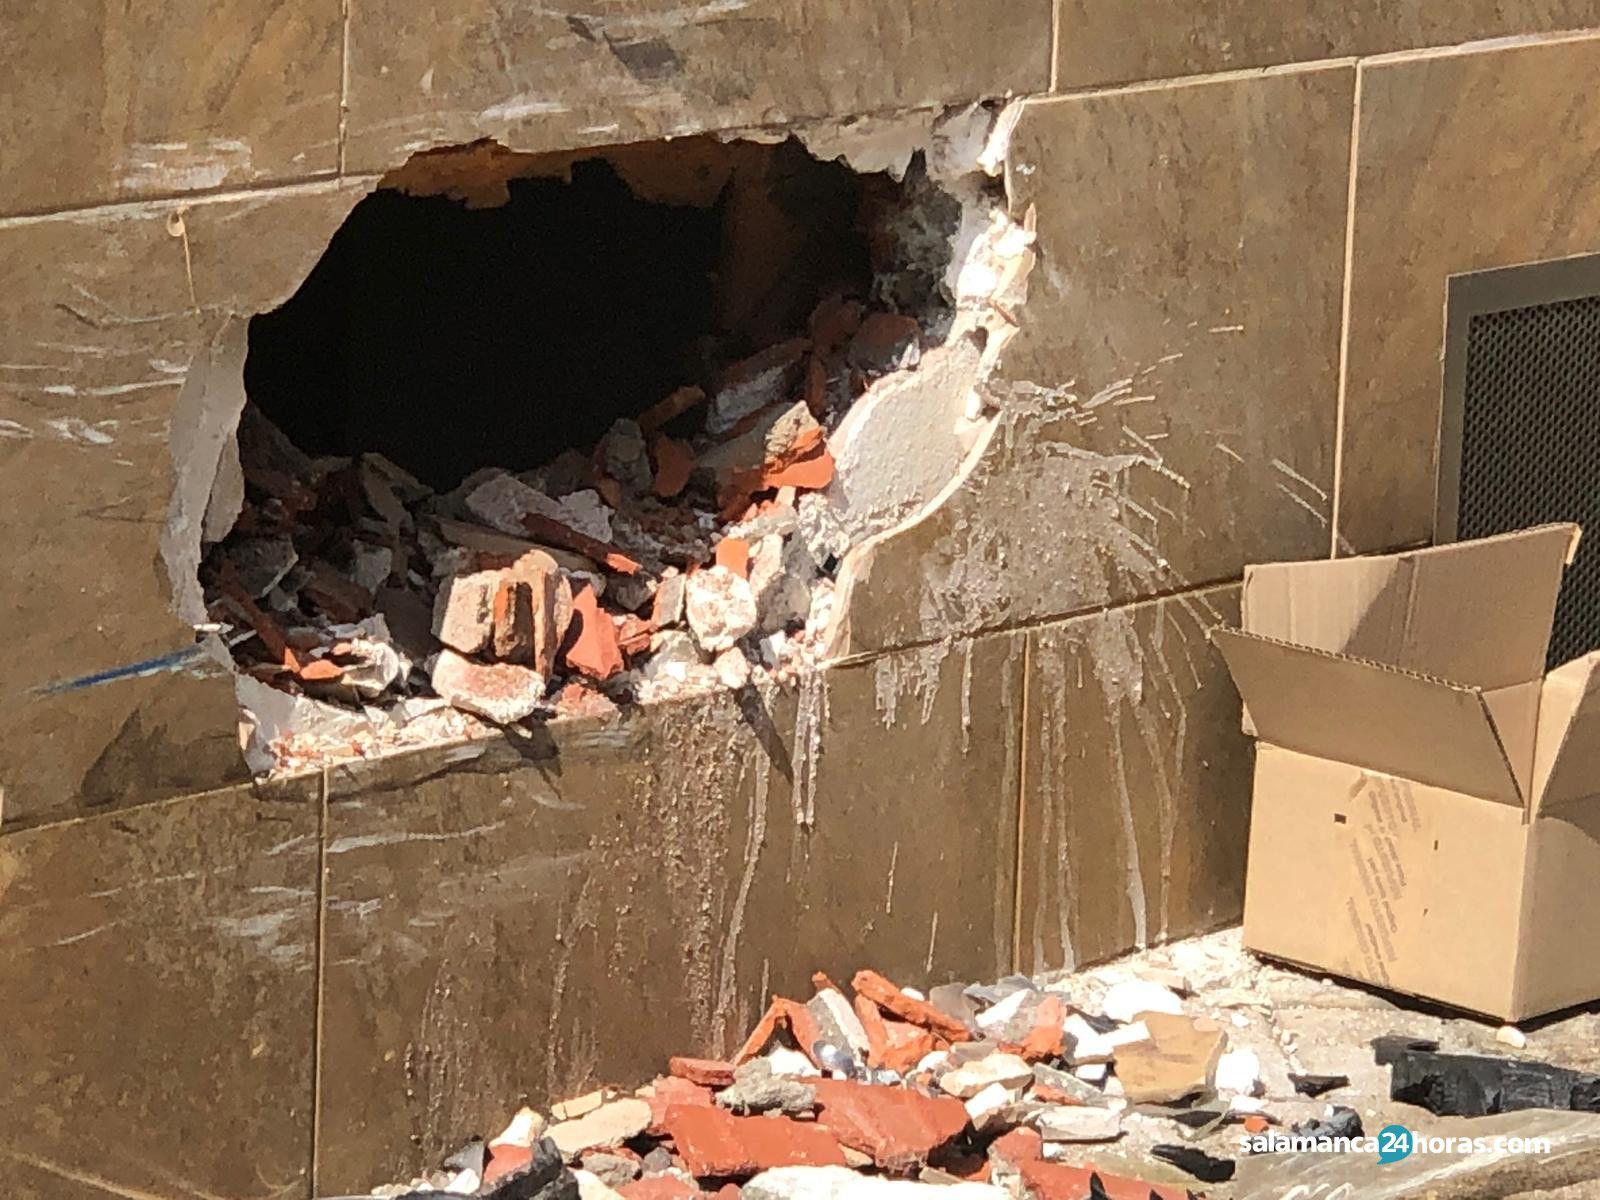 Coche empotrado contra vivienda en la calle fray luis de  granada (1)